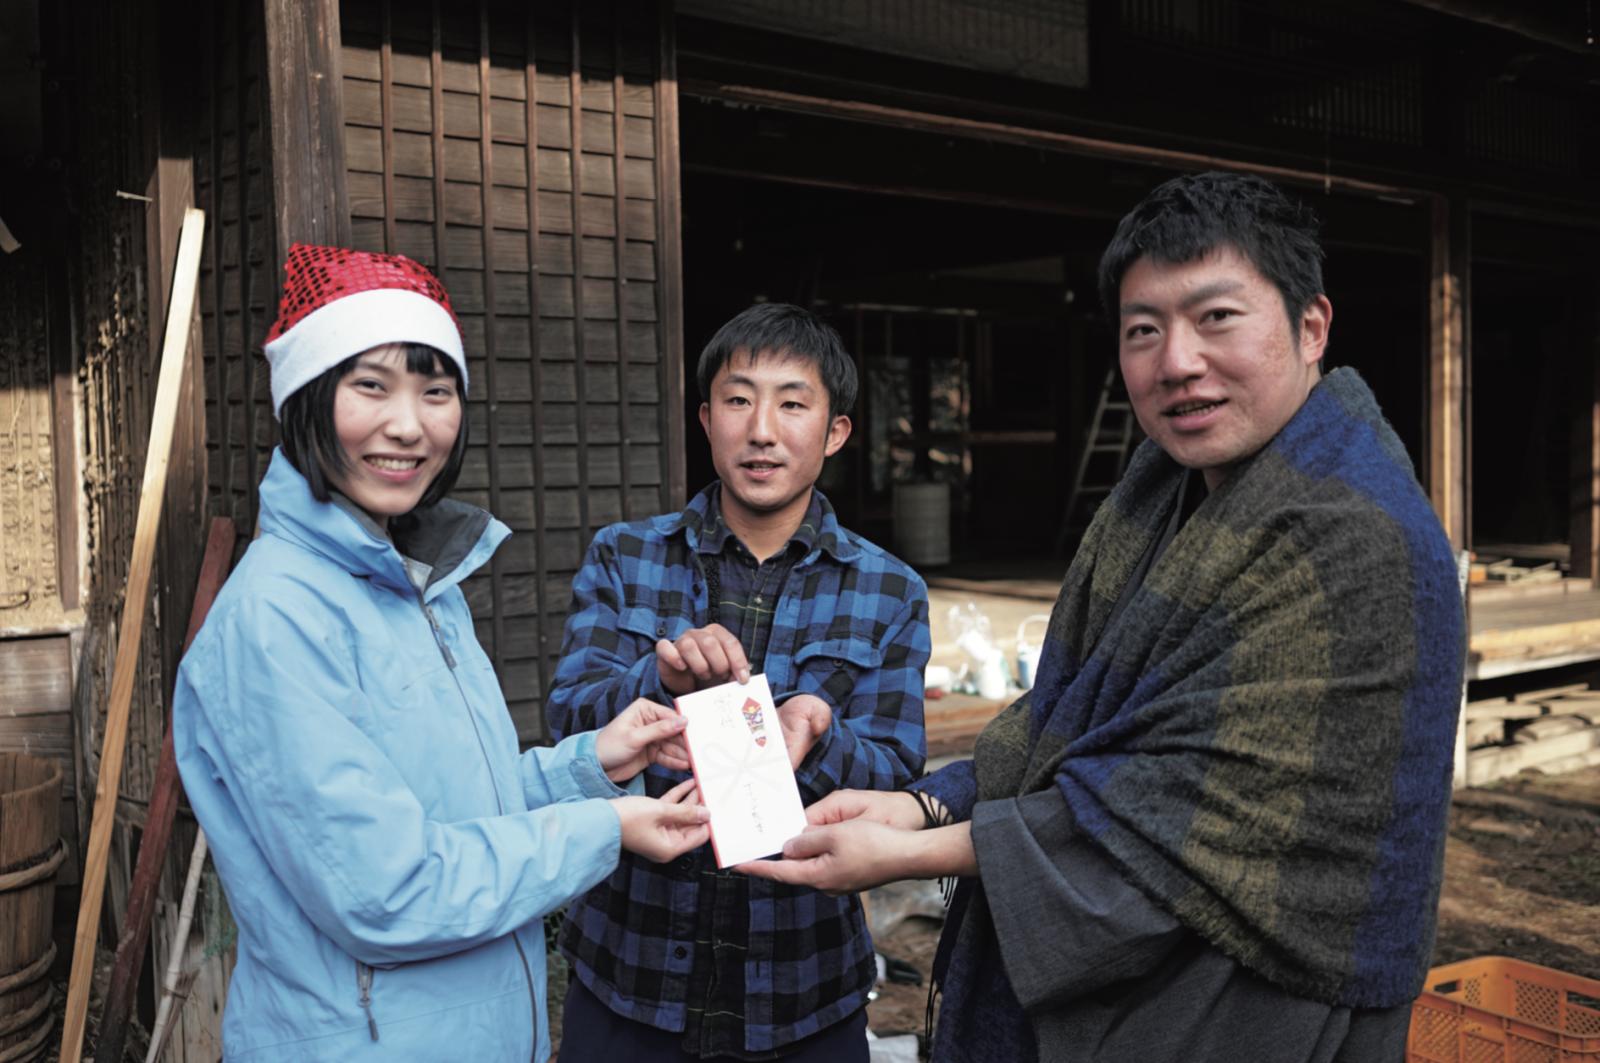 バッグの収益による寄付先の第1号は、熊本県・西原村の被災地に花を植える「ガレキと一輪の花プロジェクト」だった。